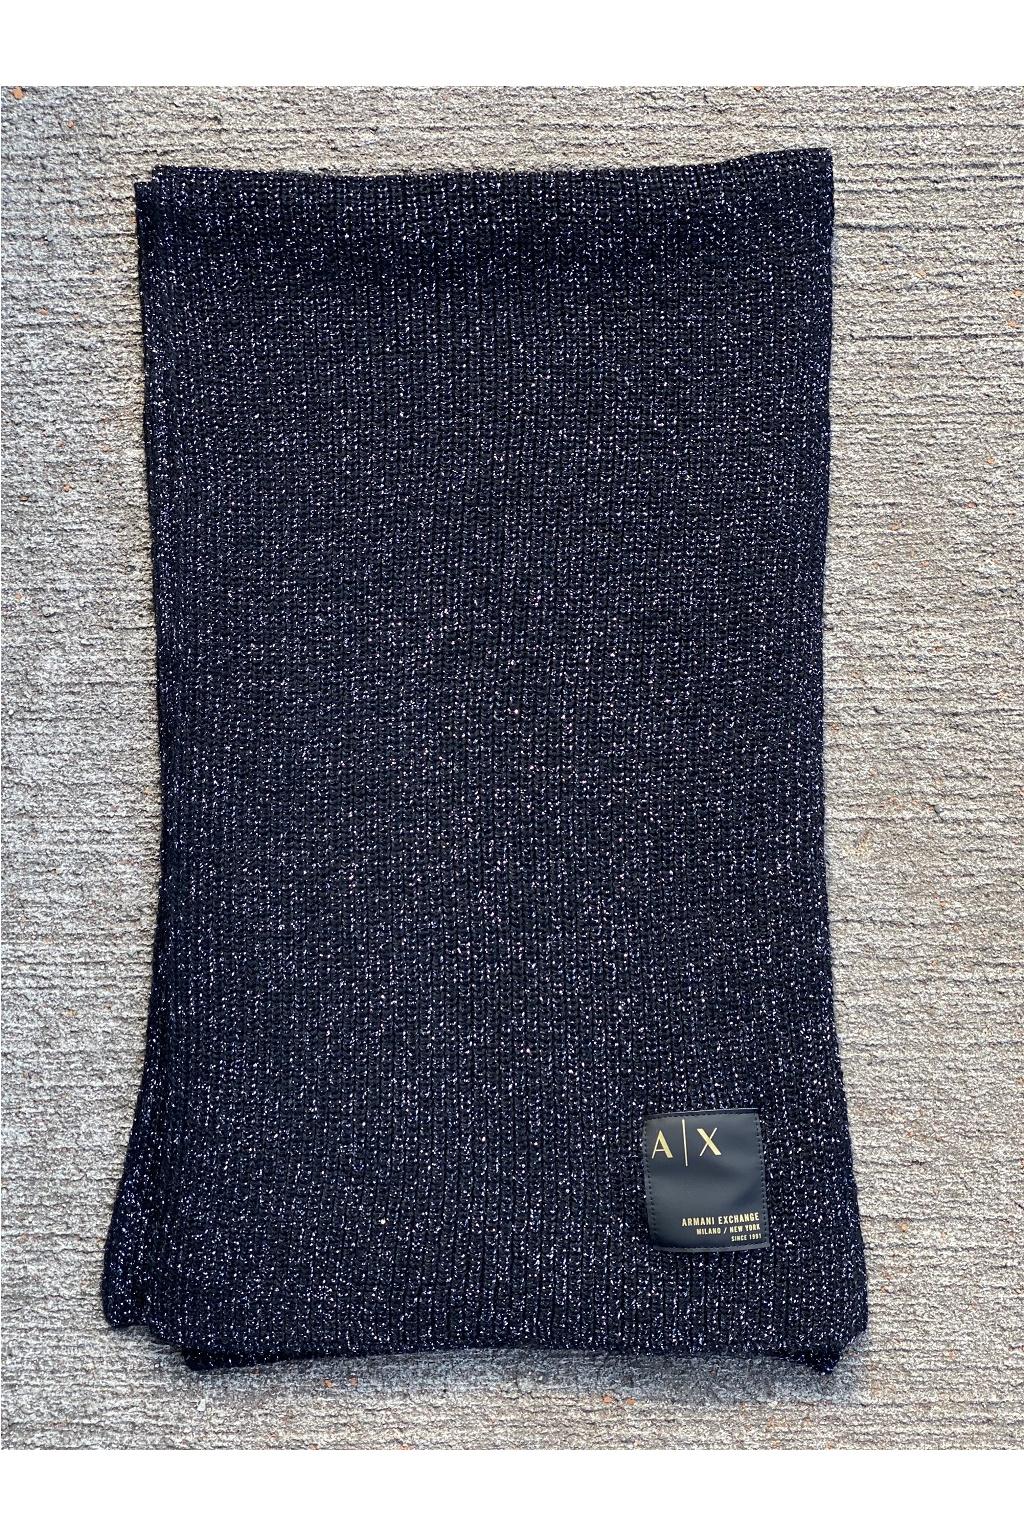 Dámský šál Armani Exchange 944667 1A305 černý